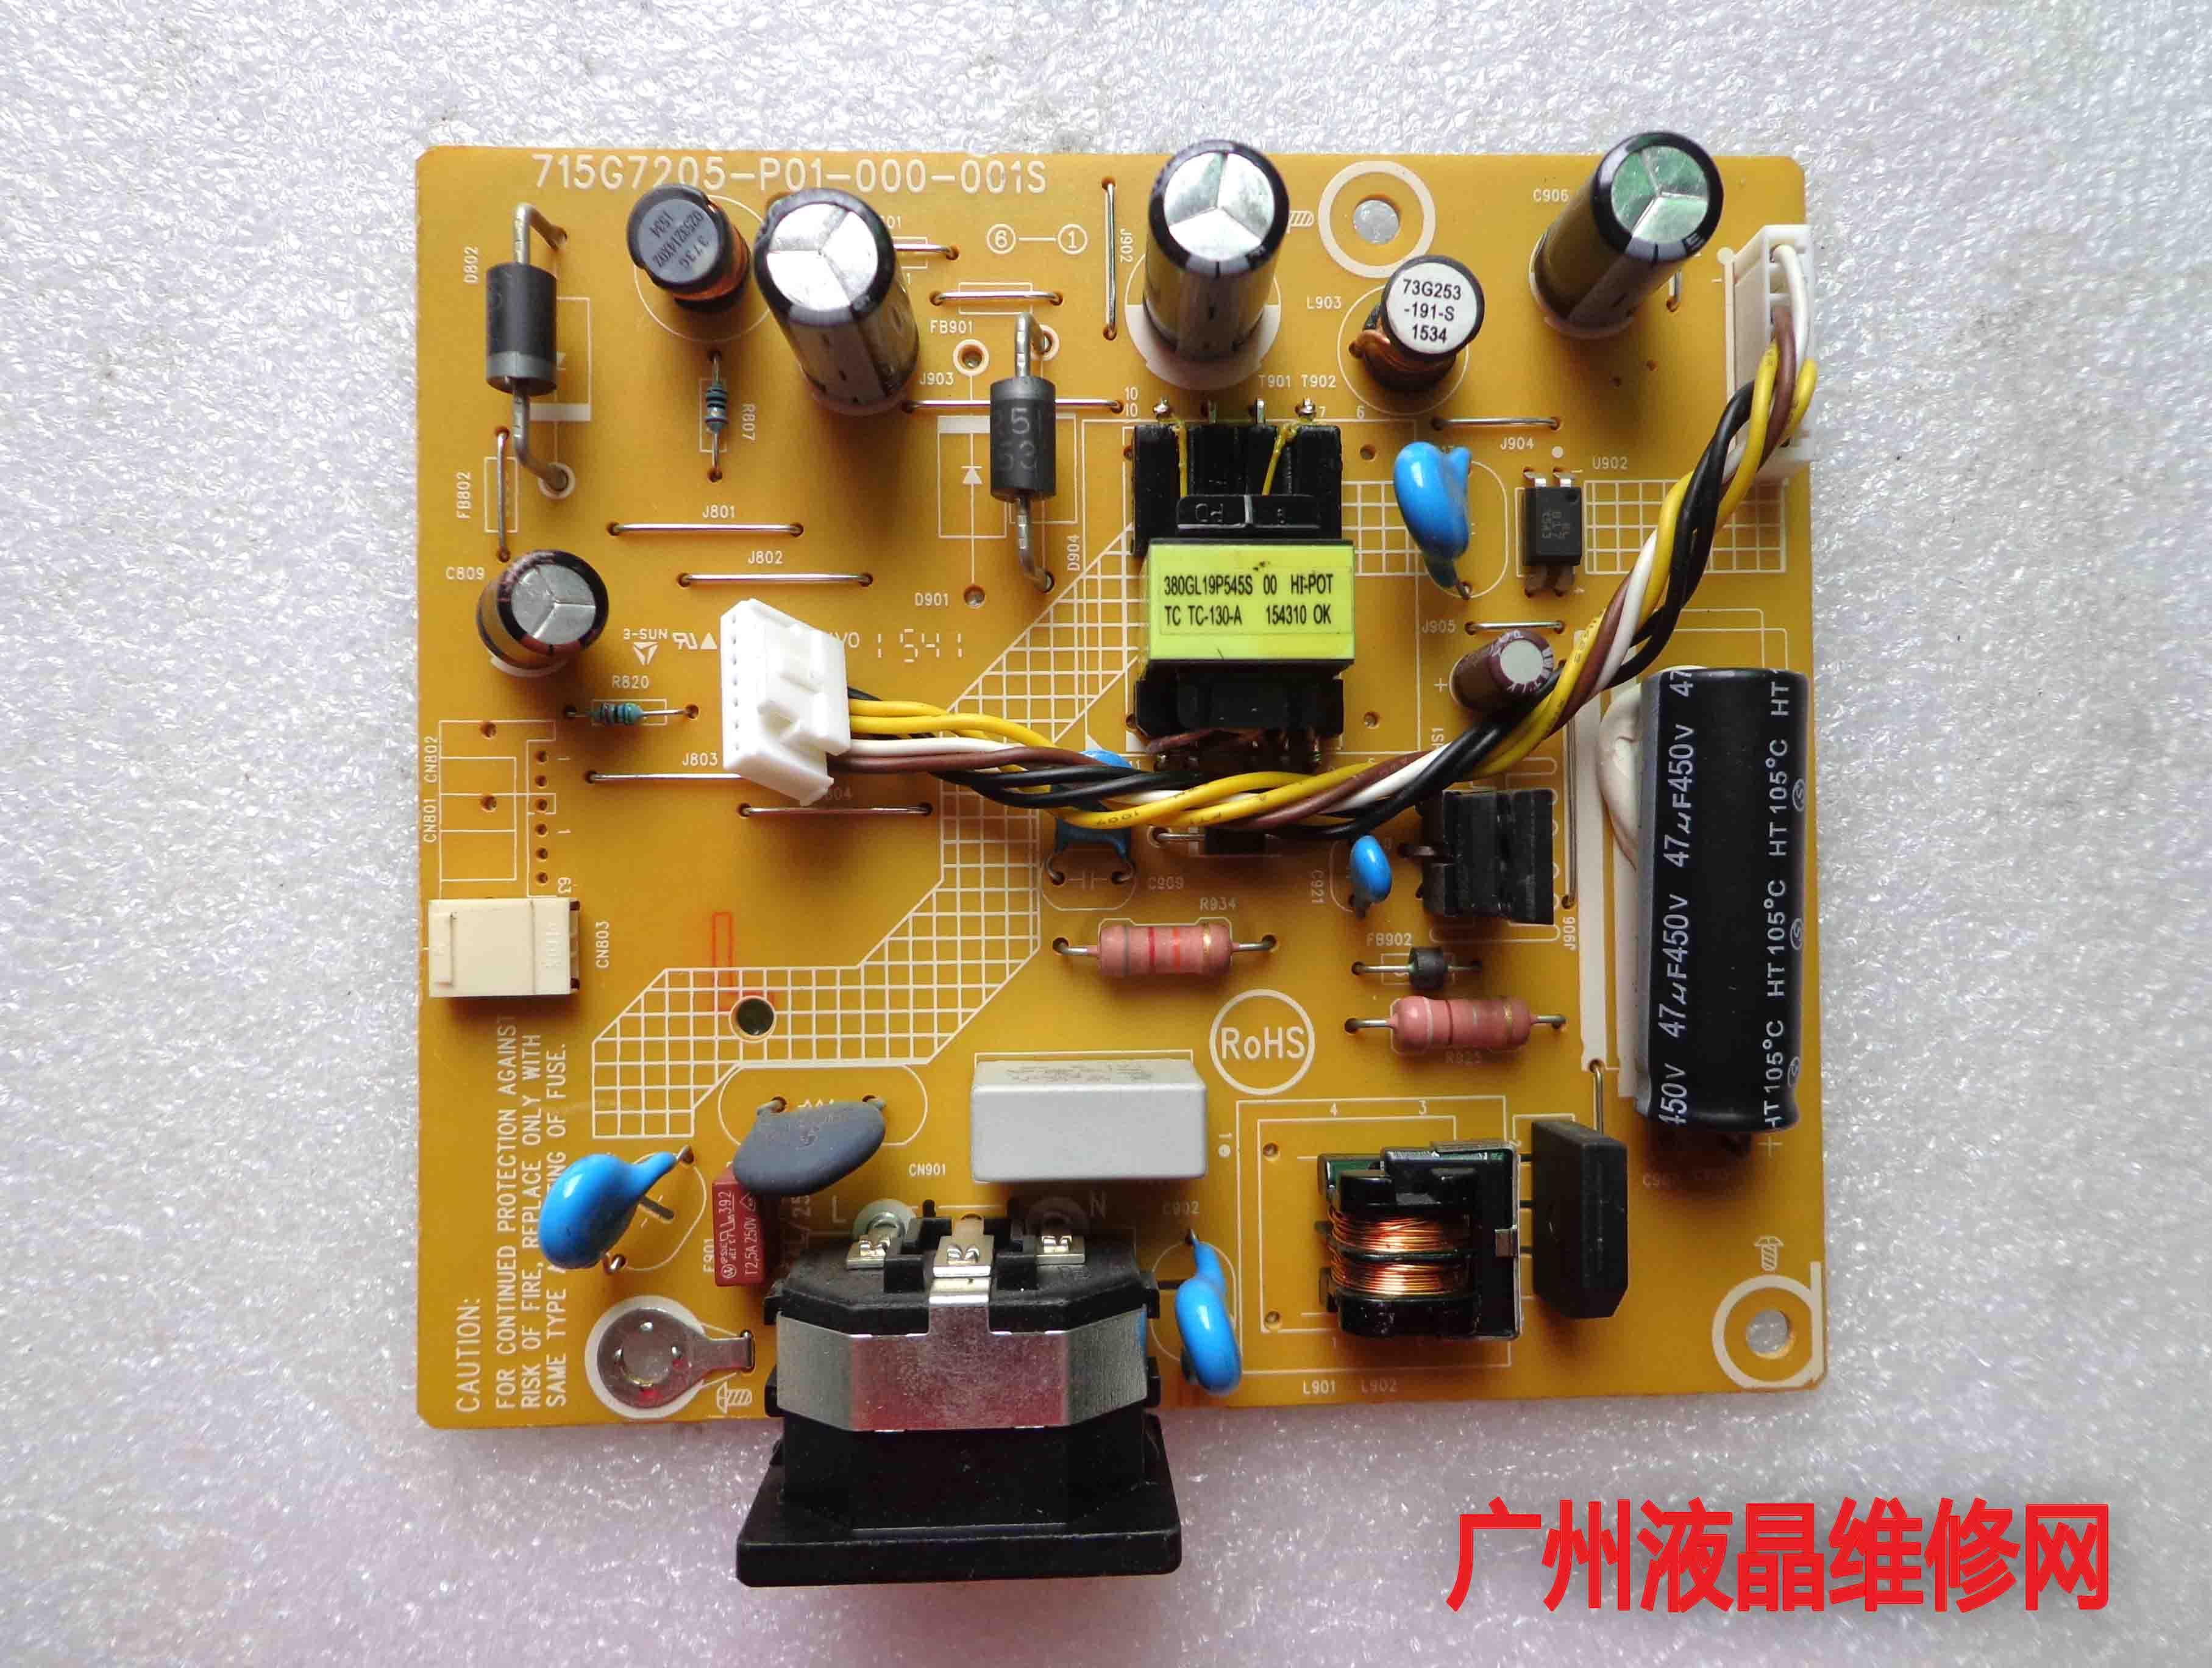 لوحة طاقة عالية الجهد, L1970S TFT19W80PS1 715G7205-P01-000-001S